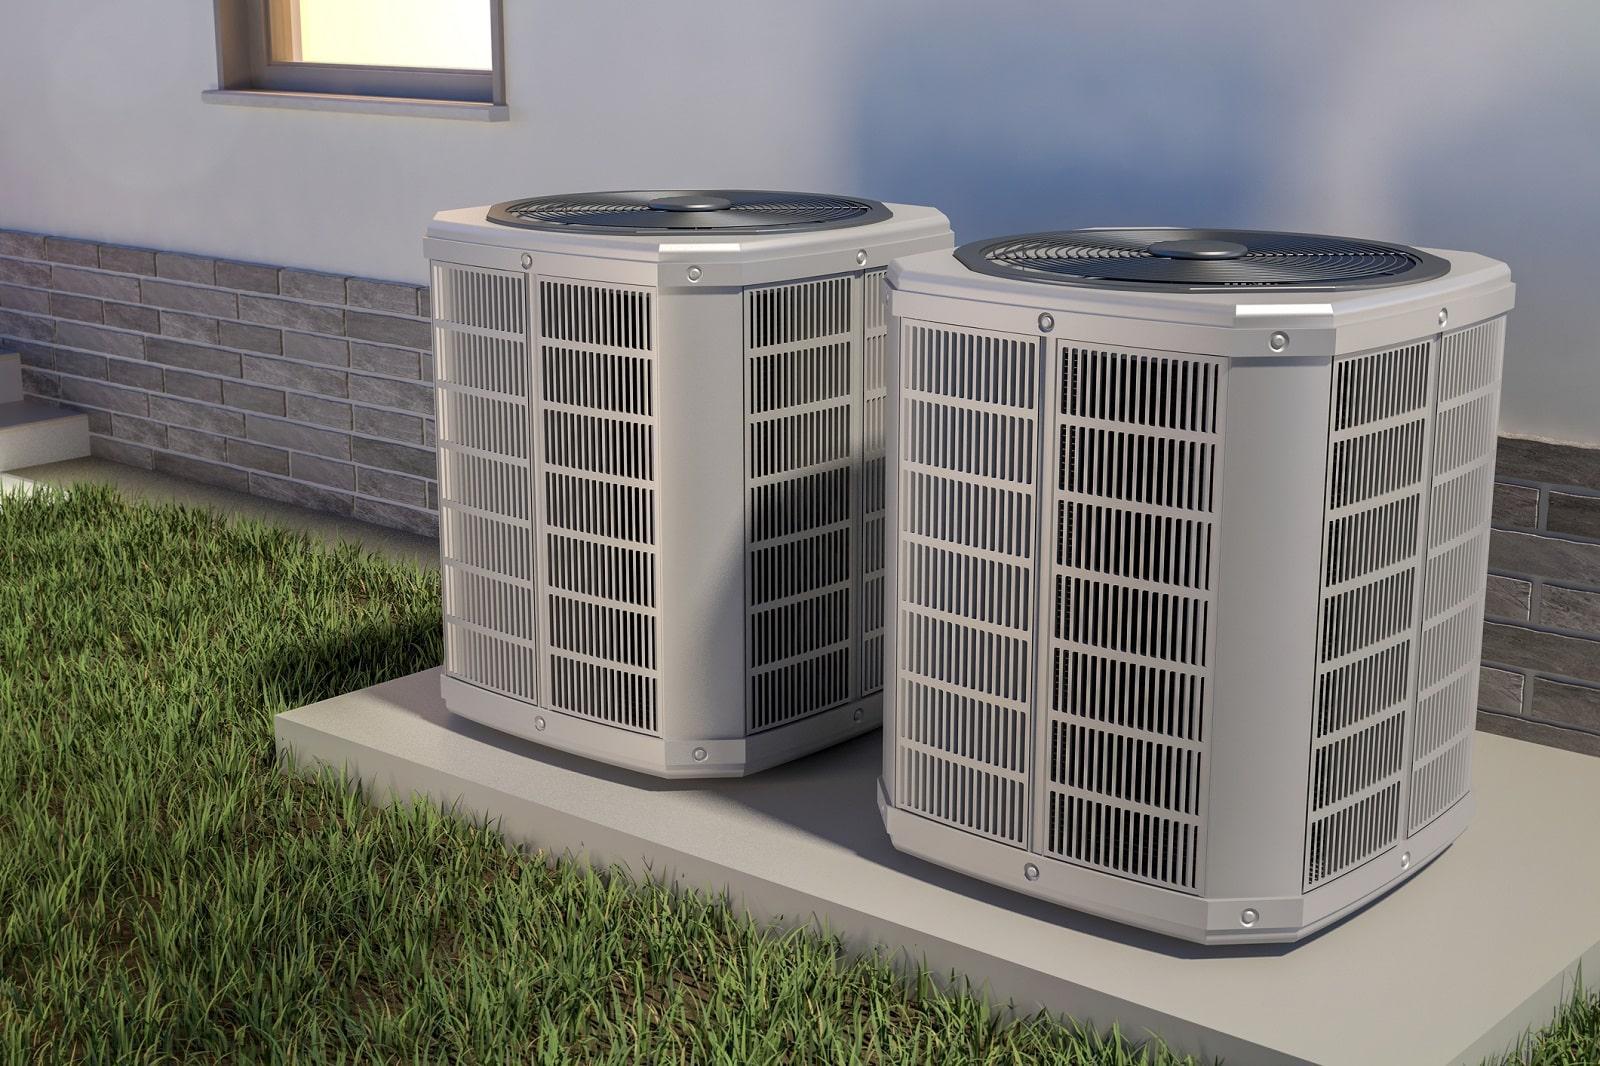 Pompa ciepła sposobem na dom zeroenergetyczny